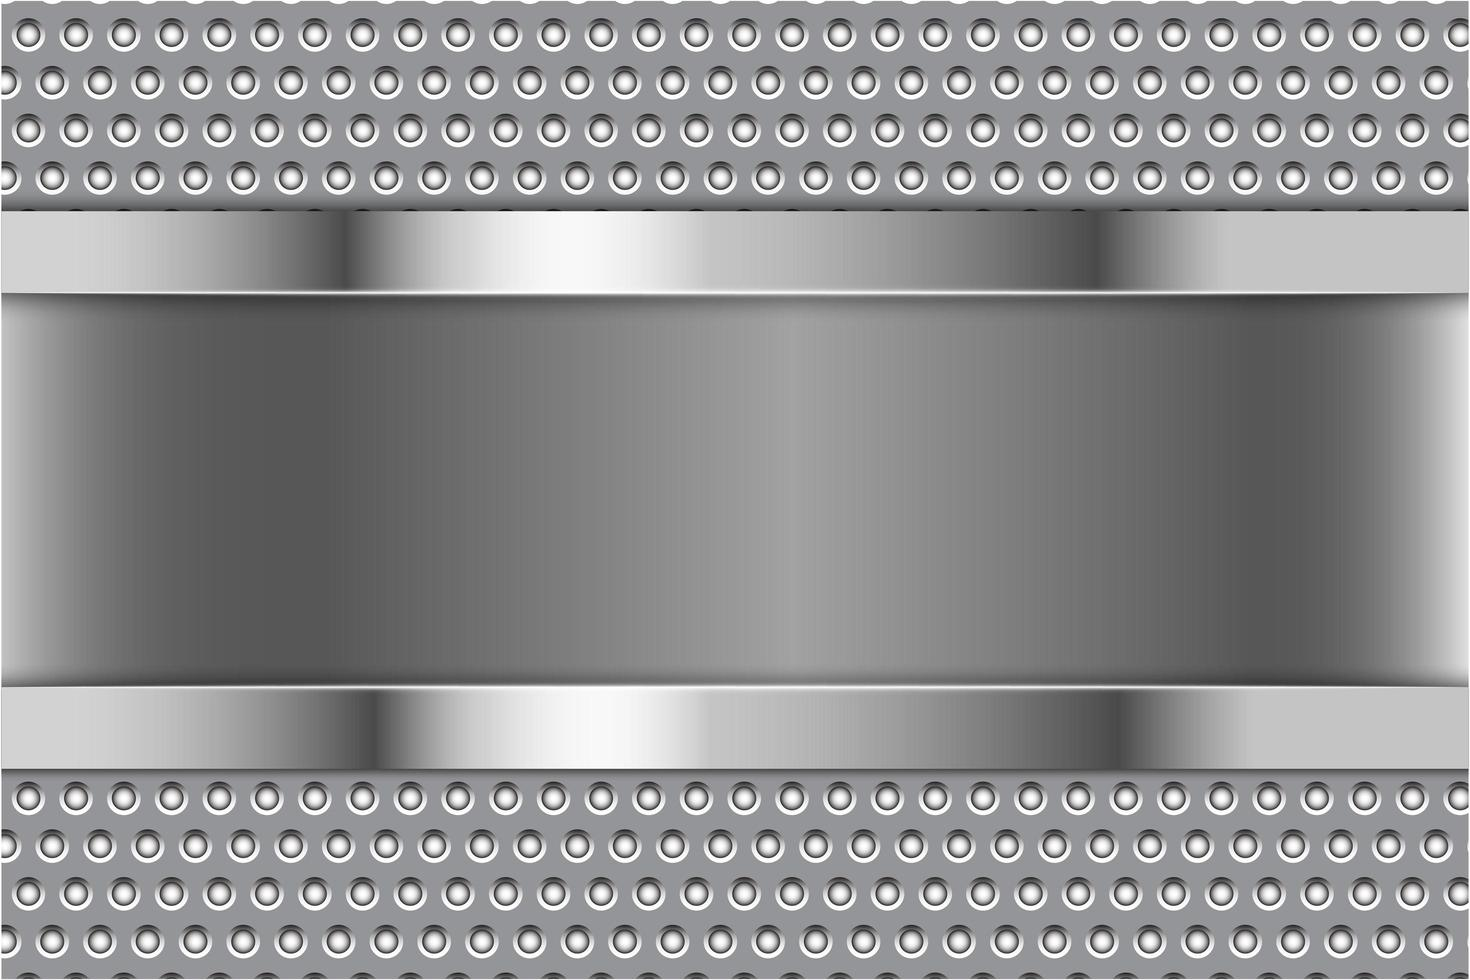 moderne zilveren en grijze metalen achtergrond vector